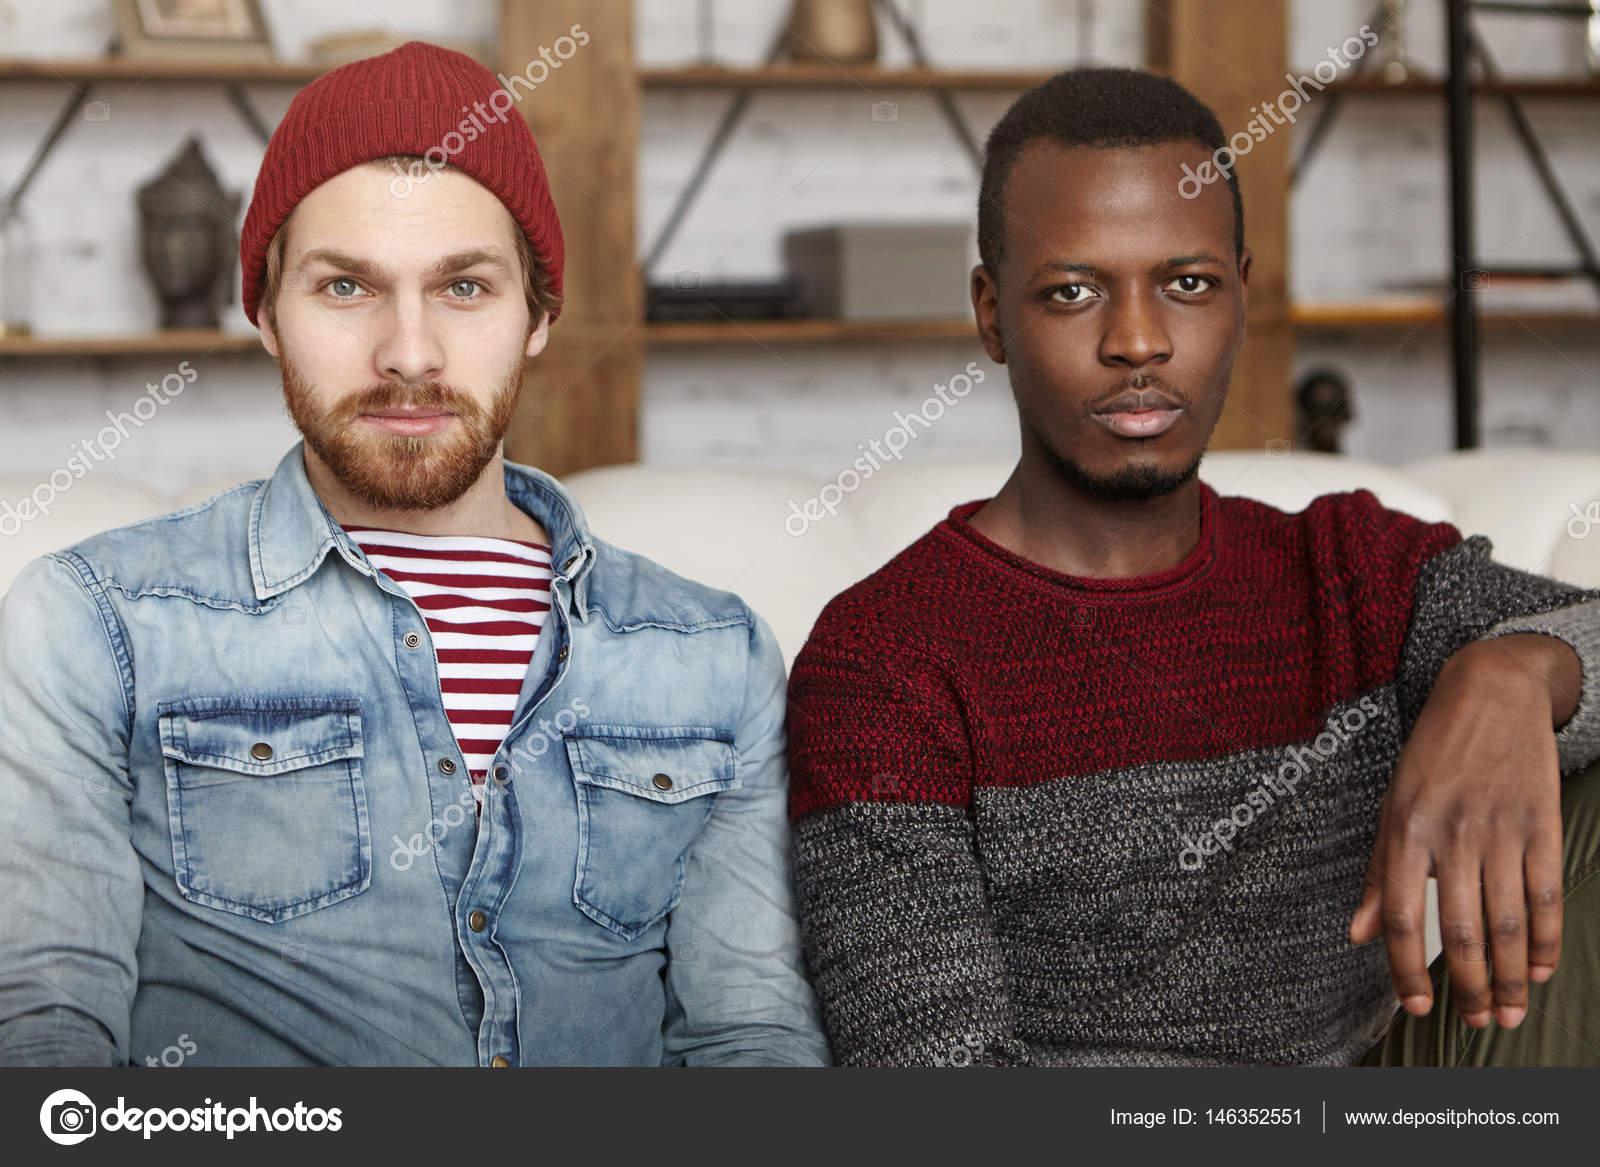 africká americká nejlepší města pro rasy interracial příležitostné informace o klubu datování